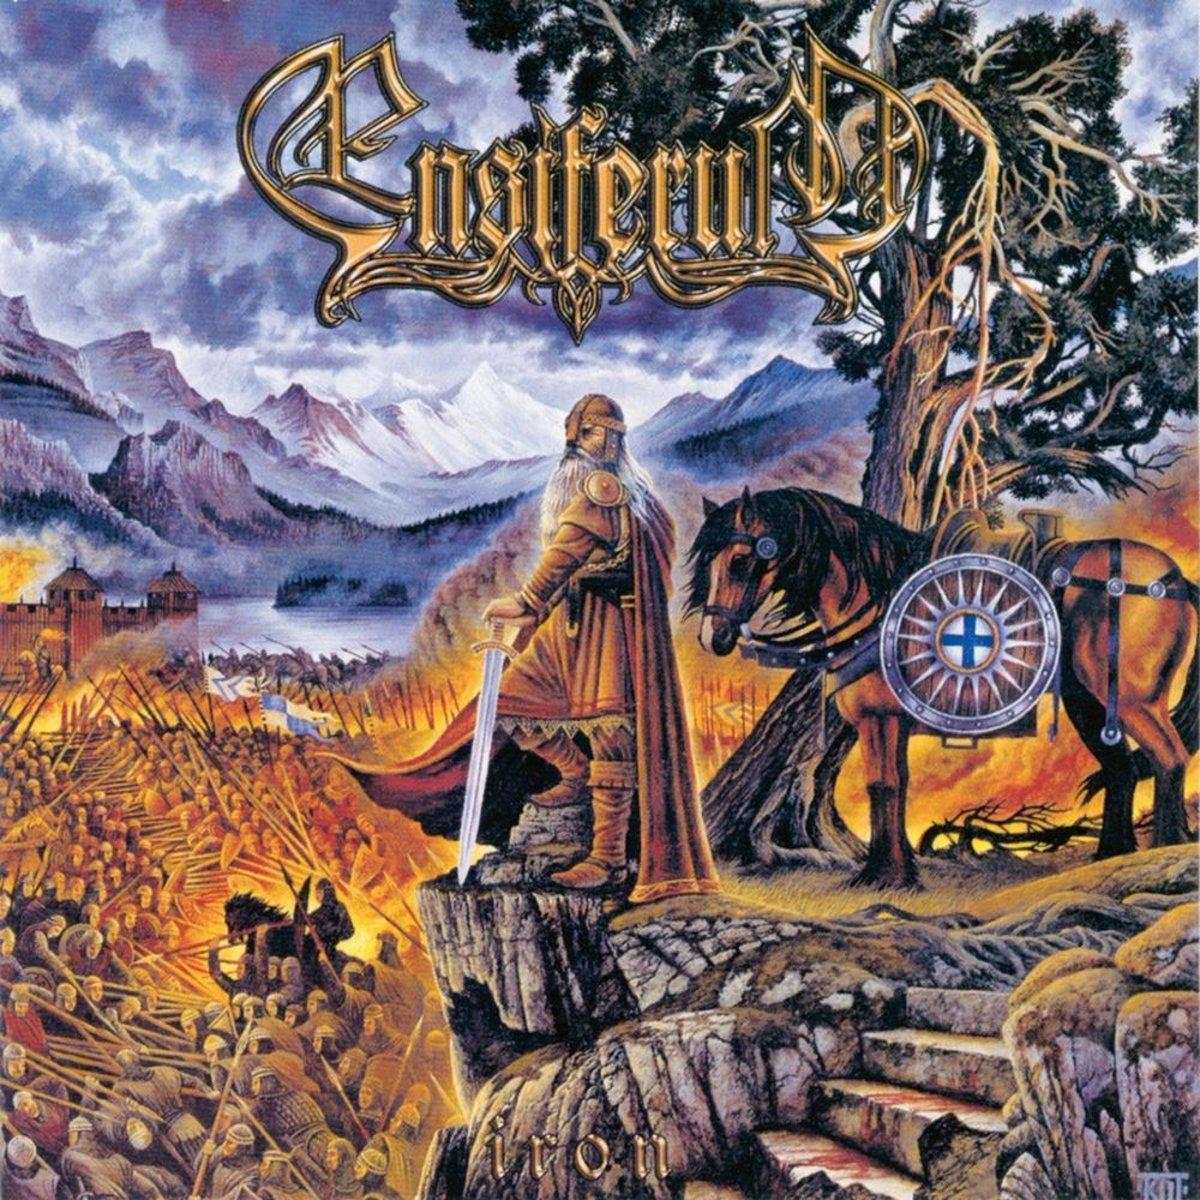 Ensiferum Iron: The Return of Jari Maenpaa and Ensiferum Makes Another Strong Folk Metal Album